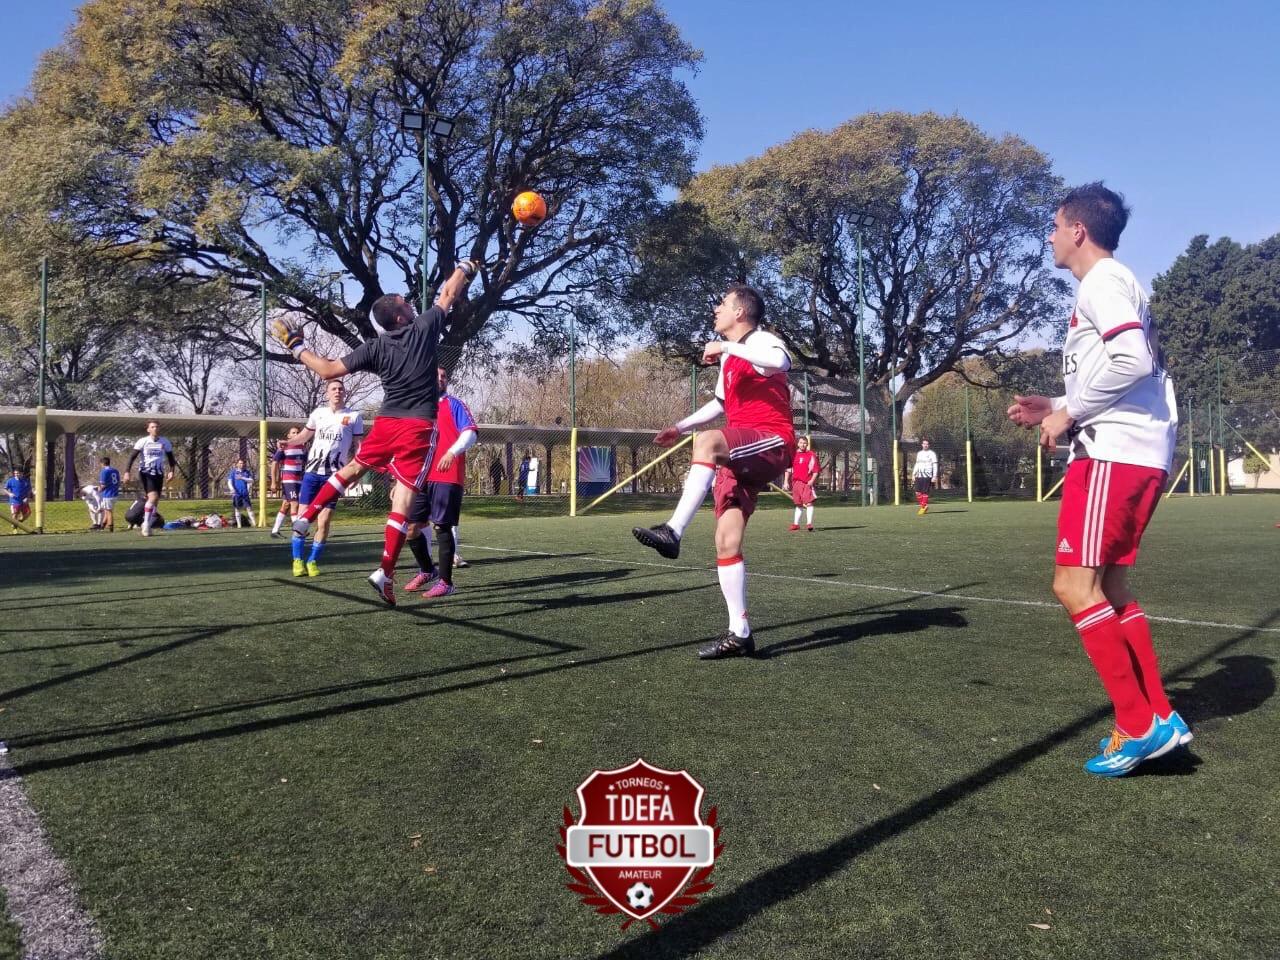 El torneo TDEFA es testigo de los cambios del fútbol amateur a lo largo del tiempo.